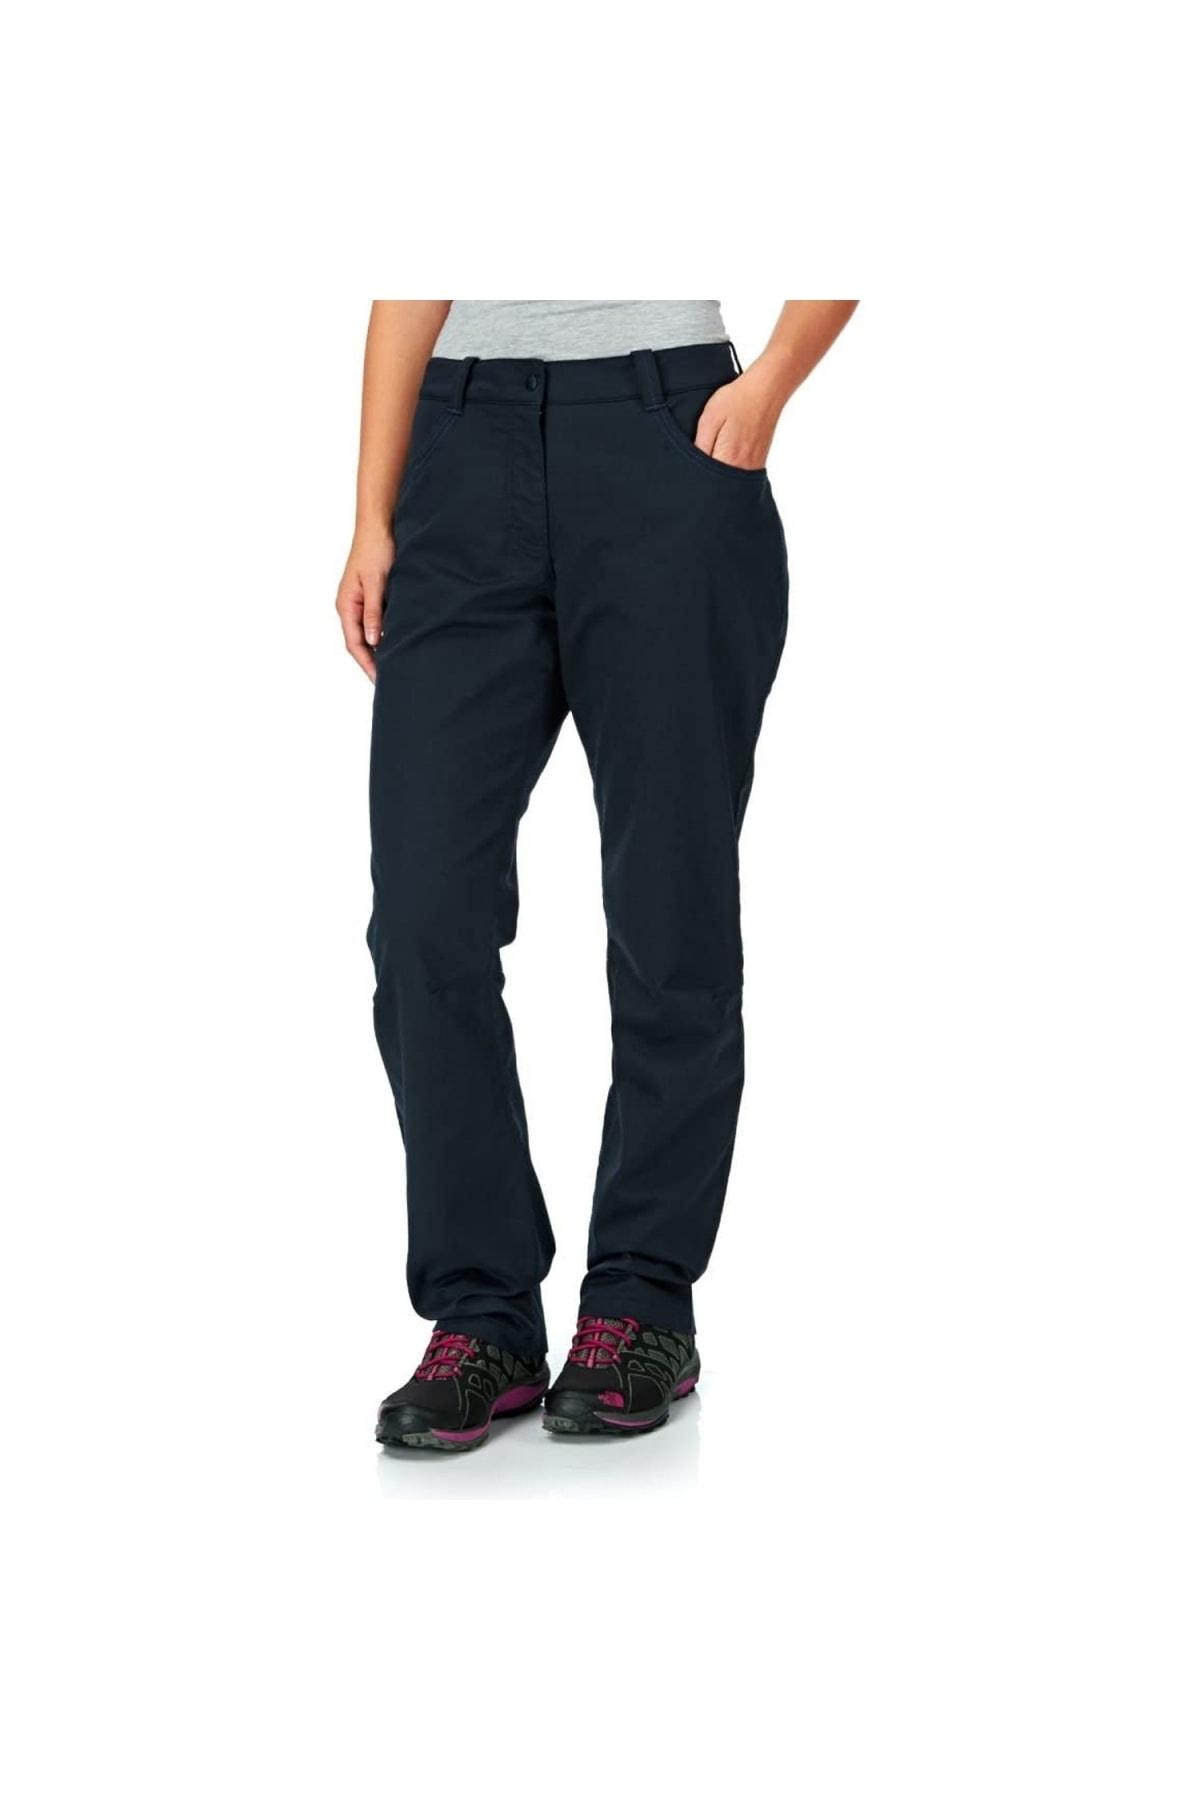 Jack Wolfskin Kadın Manitoba Winter Kışlık Pantolon 1502351 1